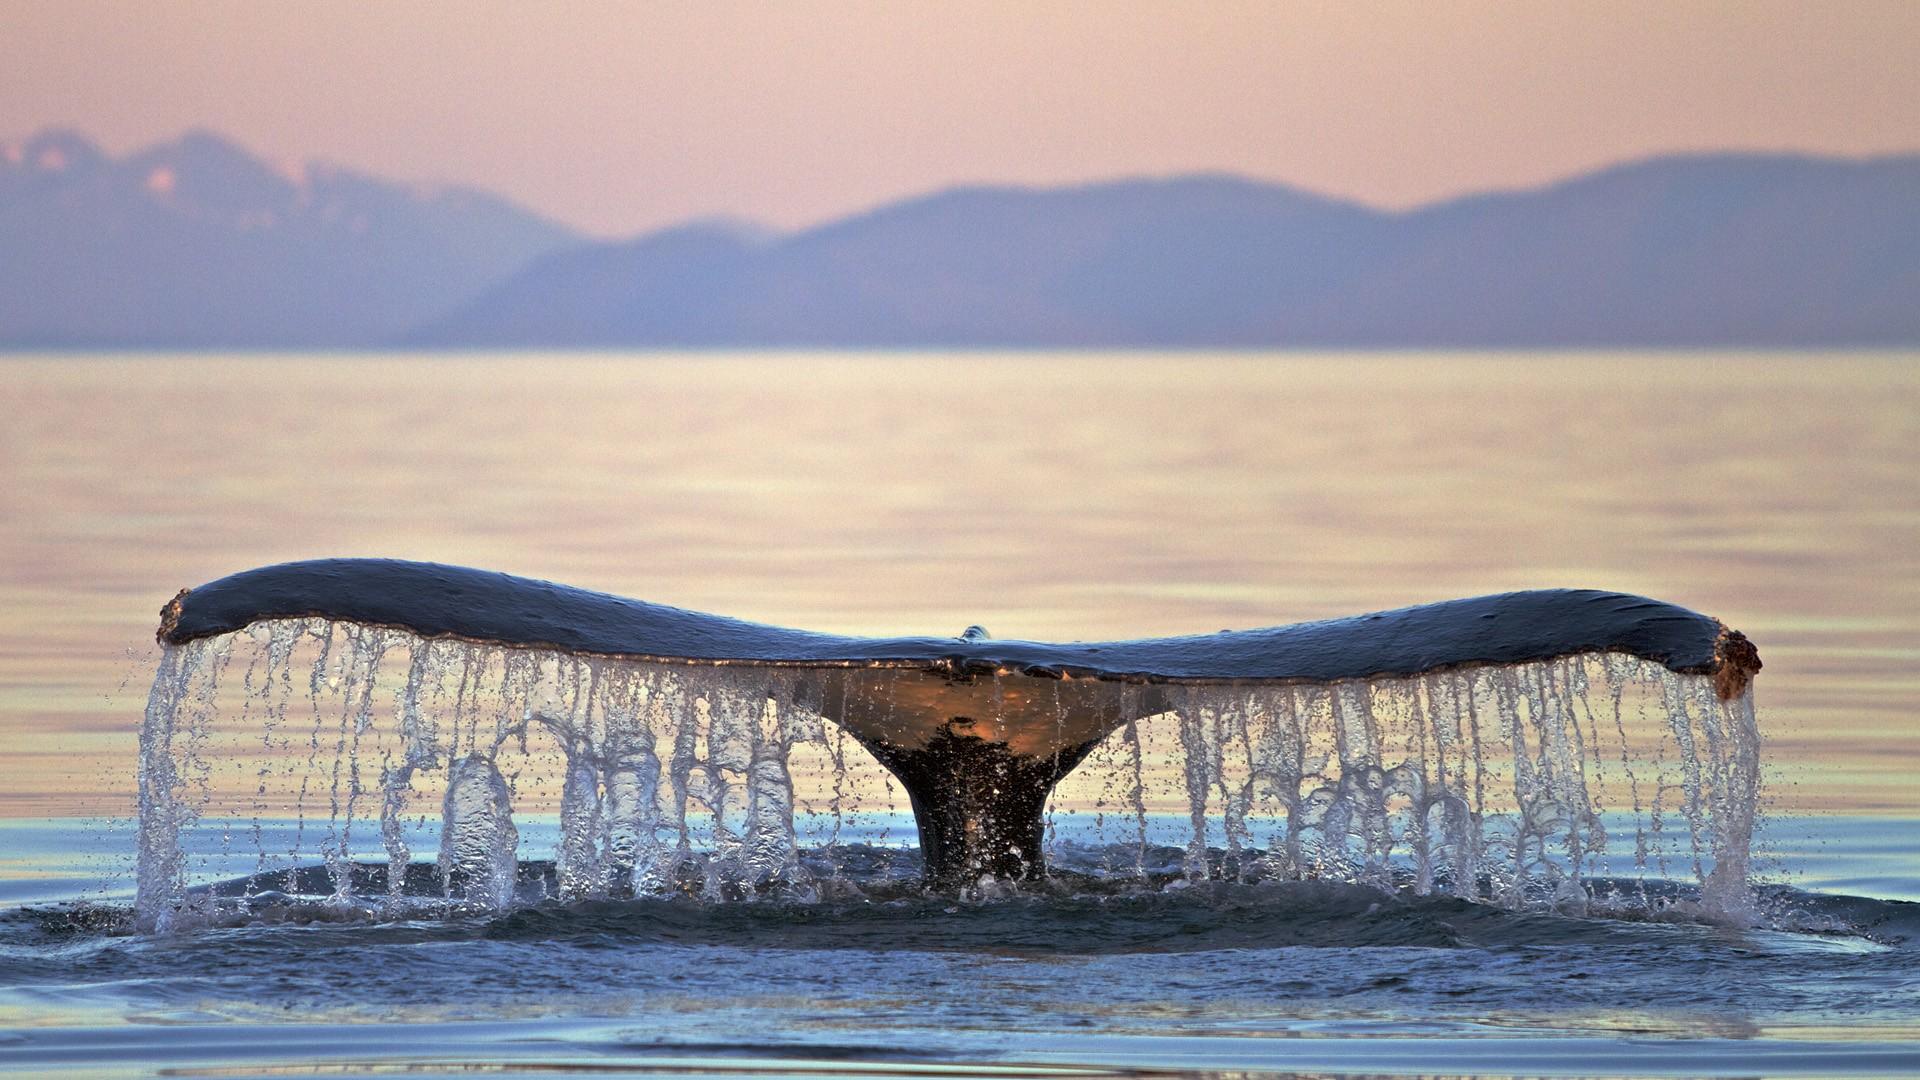 Whale HD Wallpaper